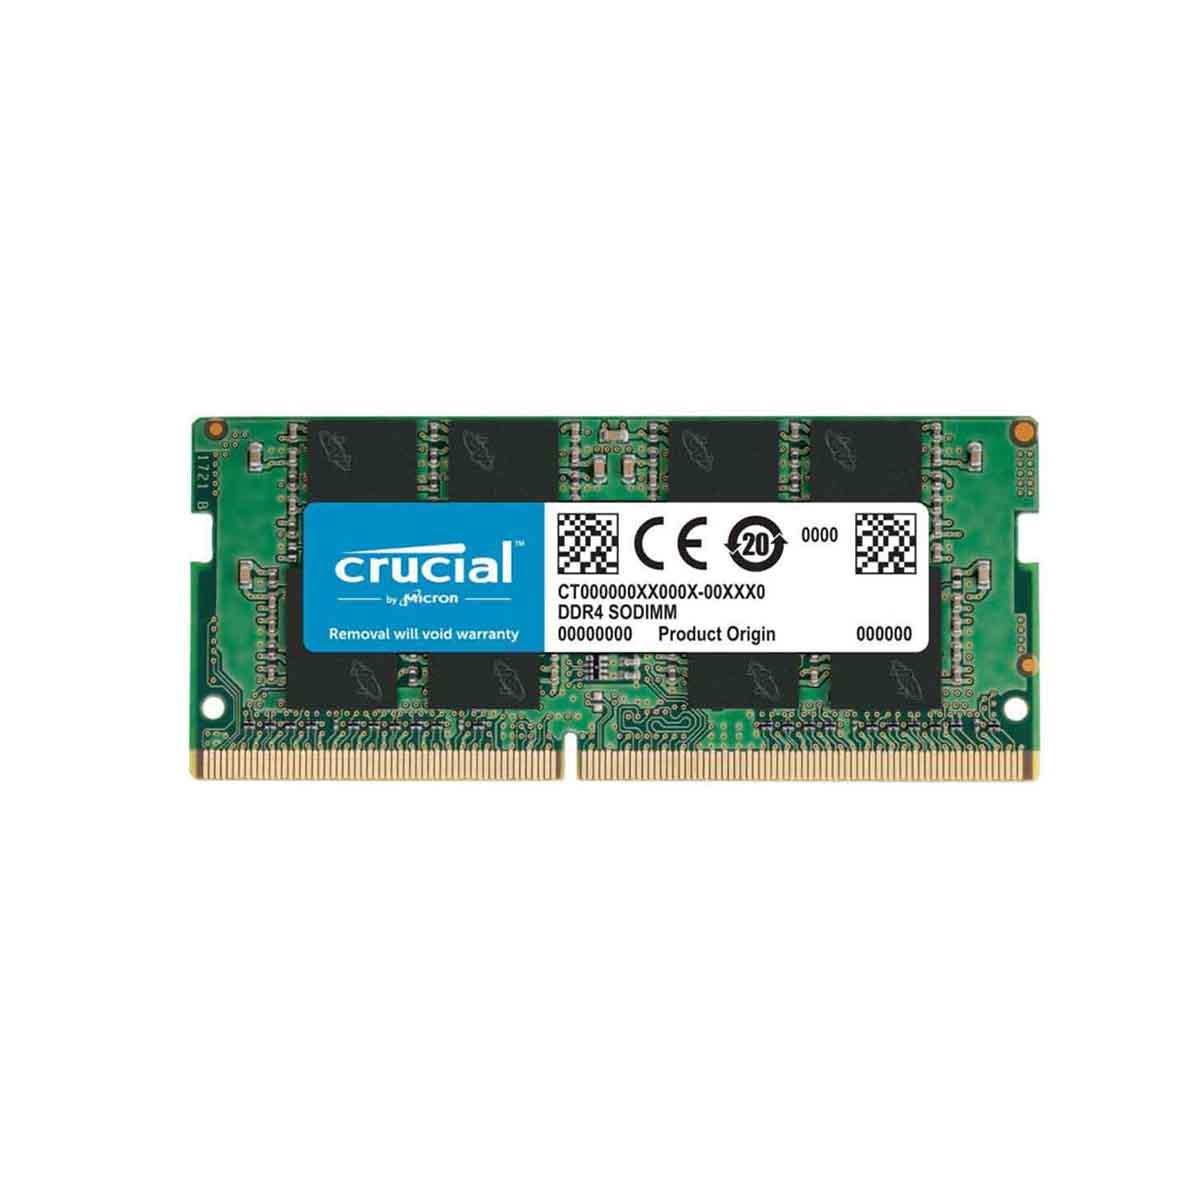 MEMORIA CRUCIAL 8GB DDR4 2666 Mhz SODIMM CT8G4SFS8266